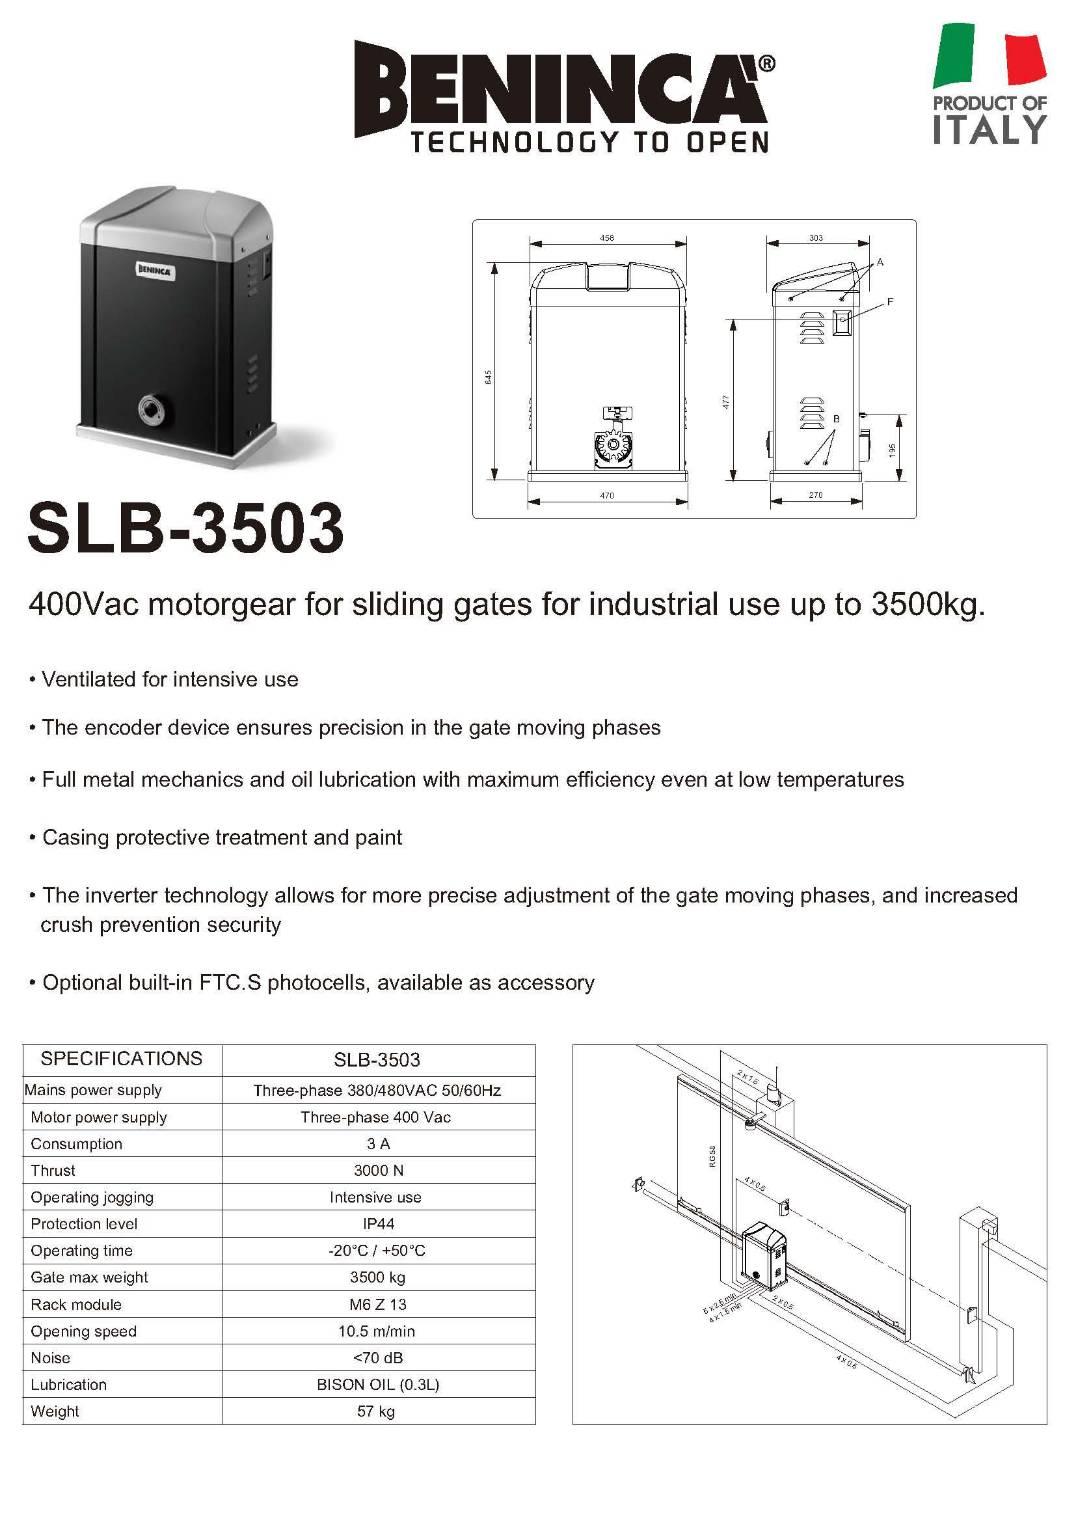 ประตูรีโมท บานเลื่อน ฺBeninca รุ่น SLB-3503